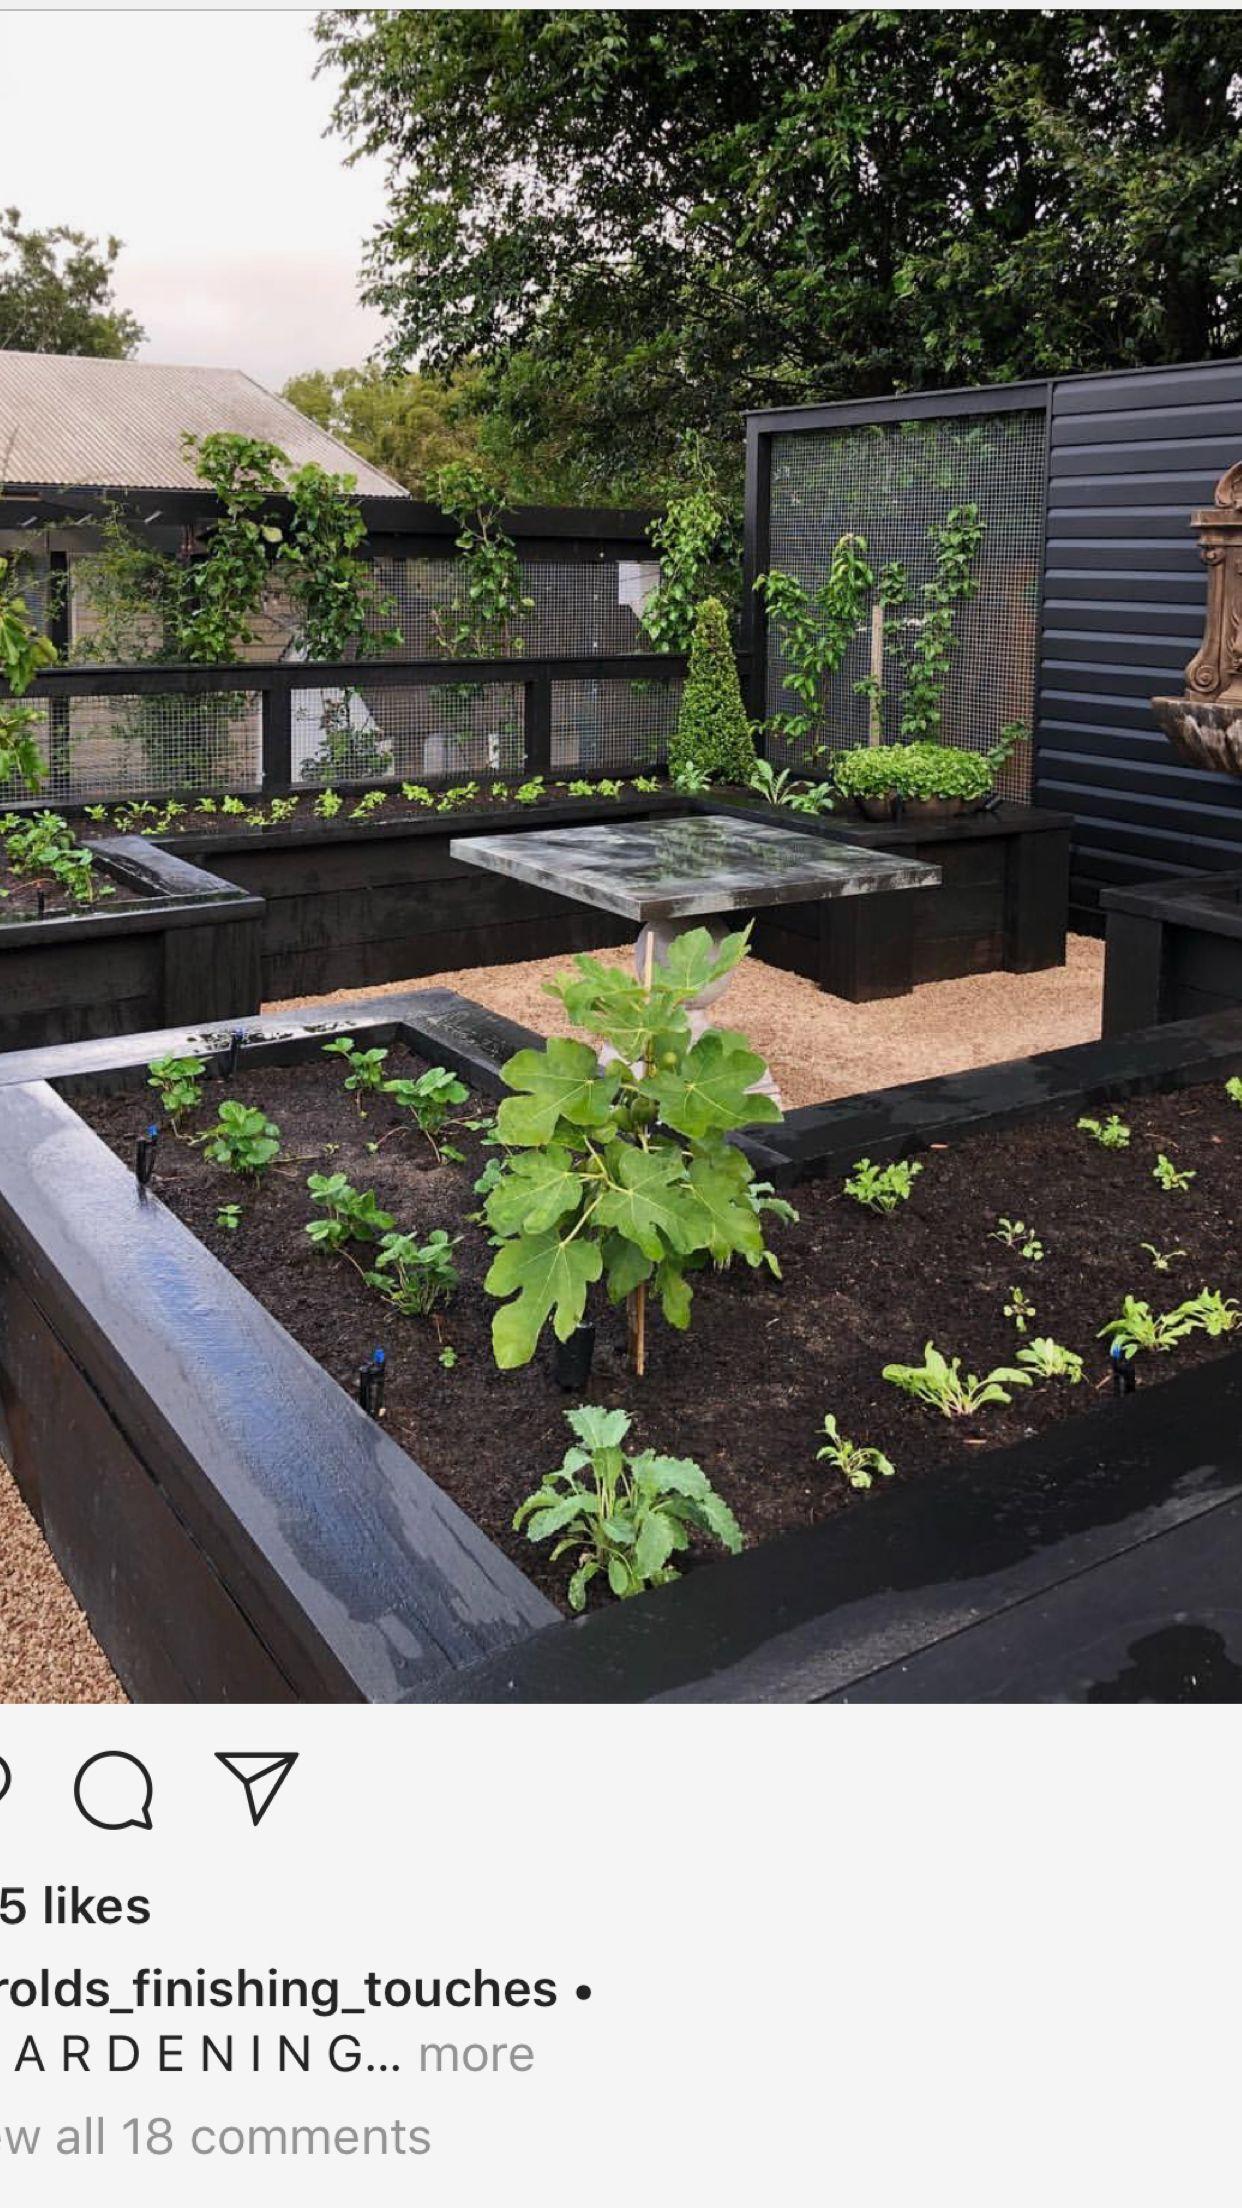 Selbstversorger Garten Garden Garten Backyard Landscaping Backyard Garden Backyard